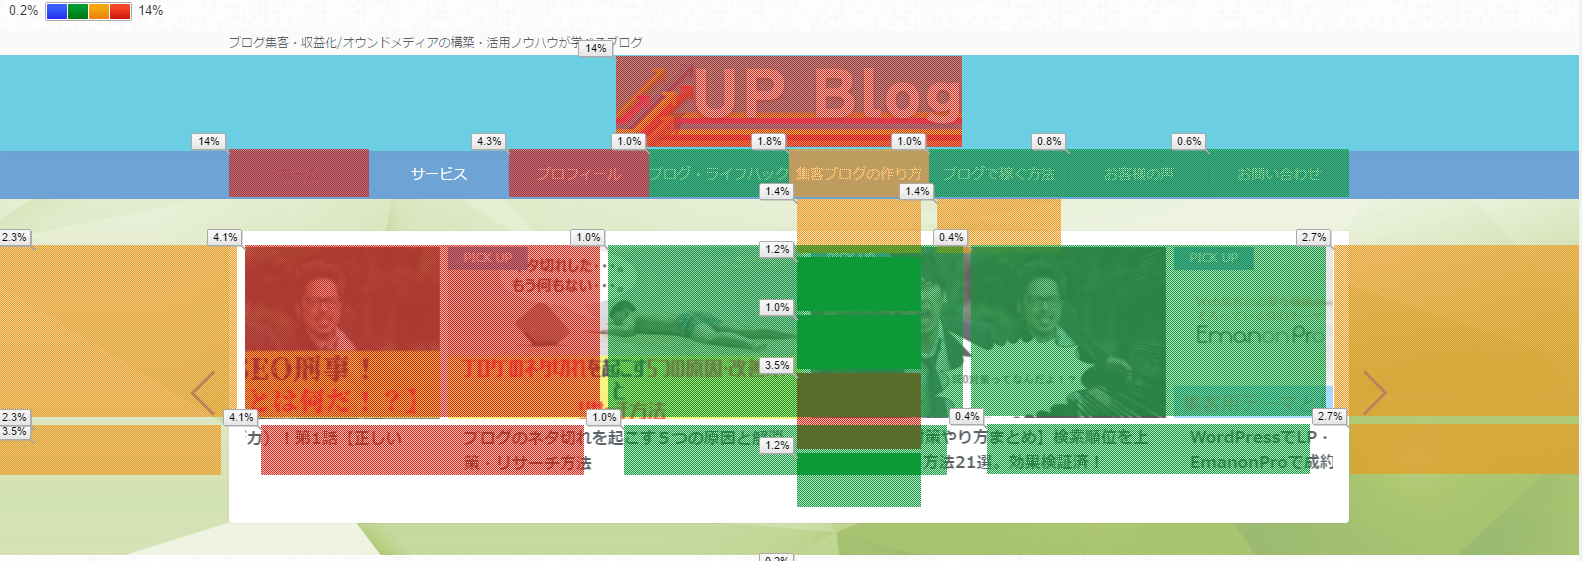 Page Analitics解析結果画面3